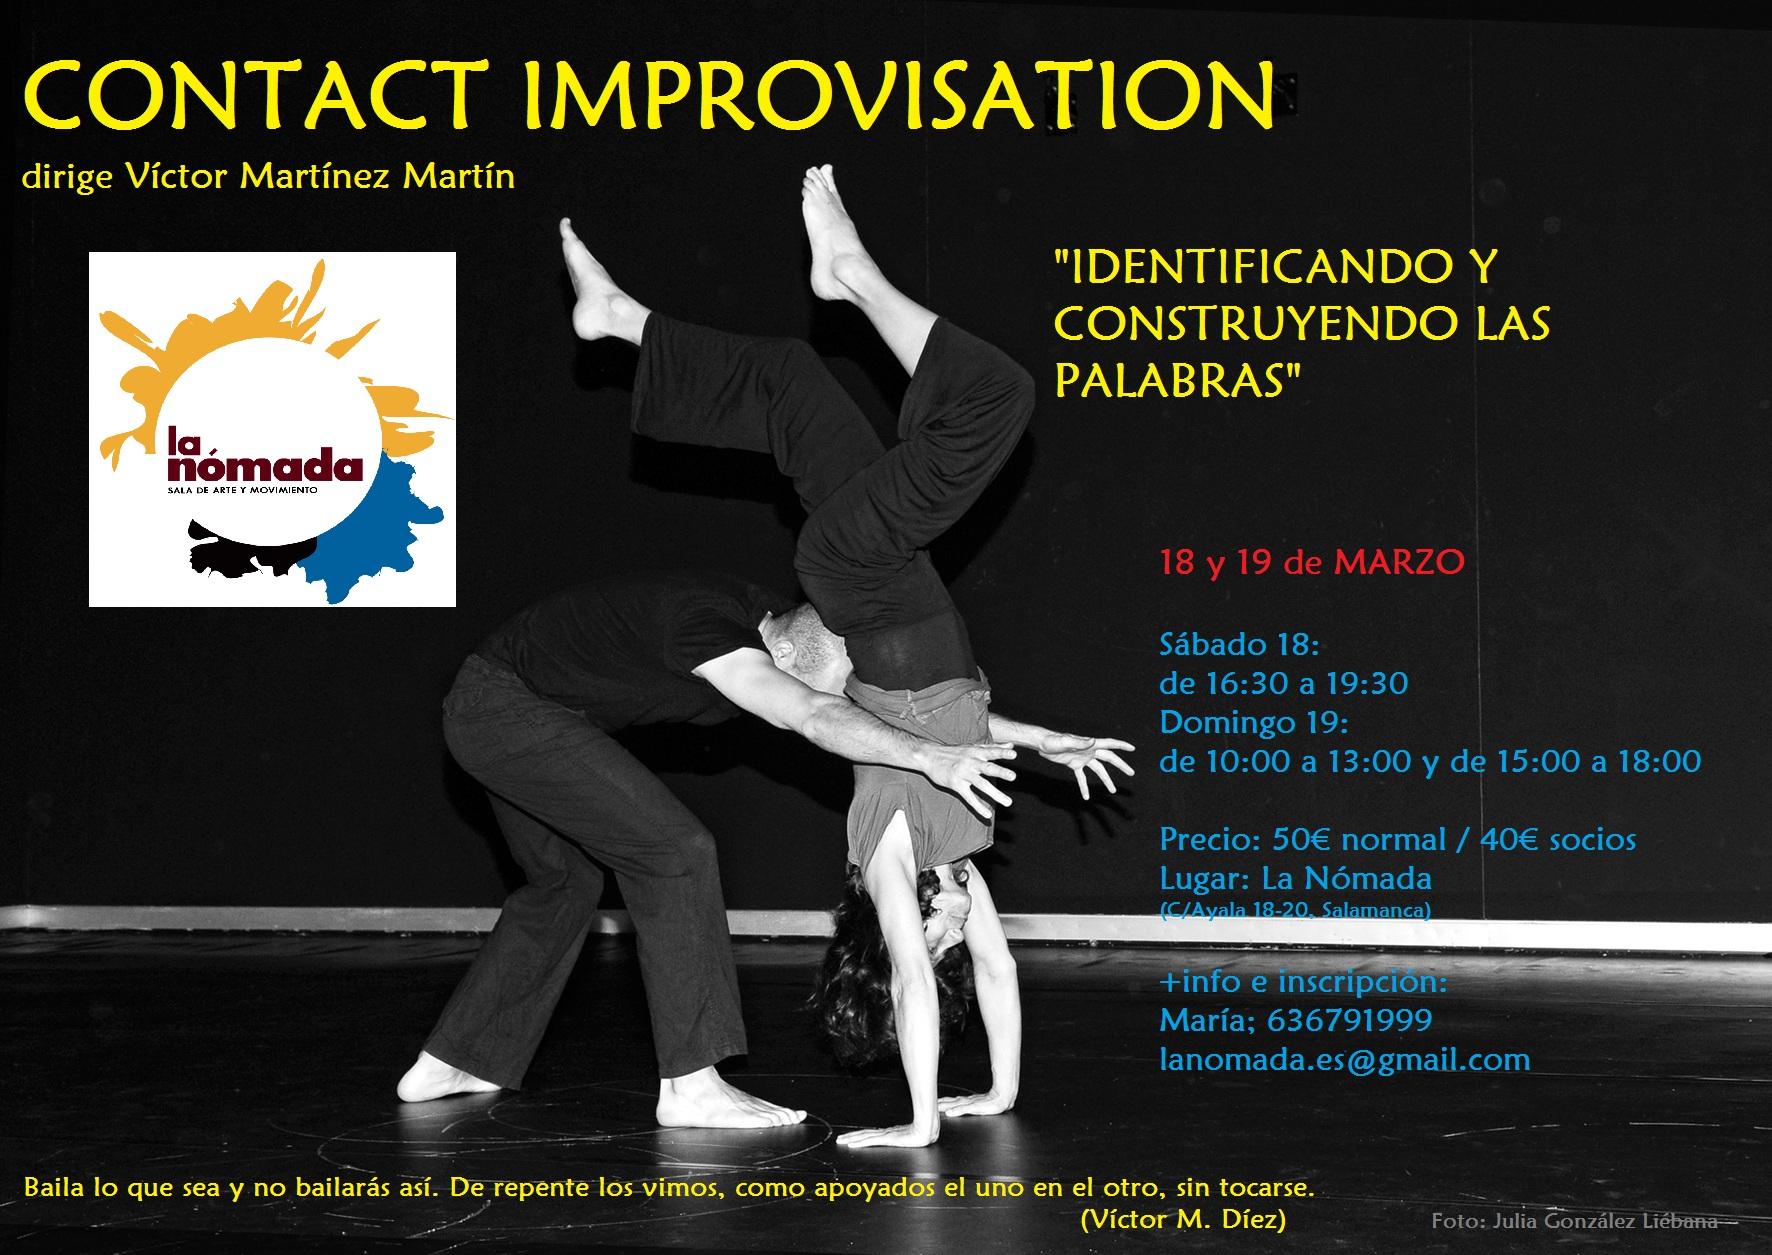 Contact Improvisation: Identificando y construyendo las palabras